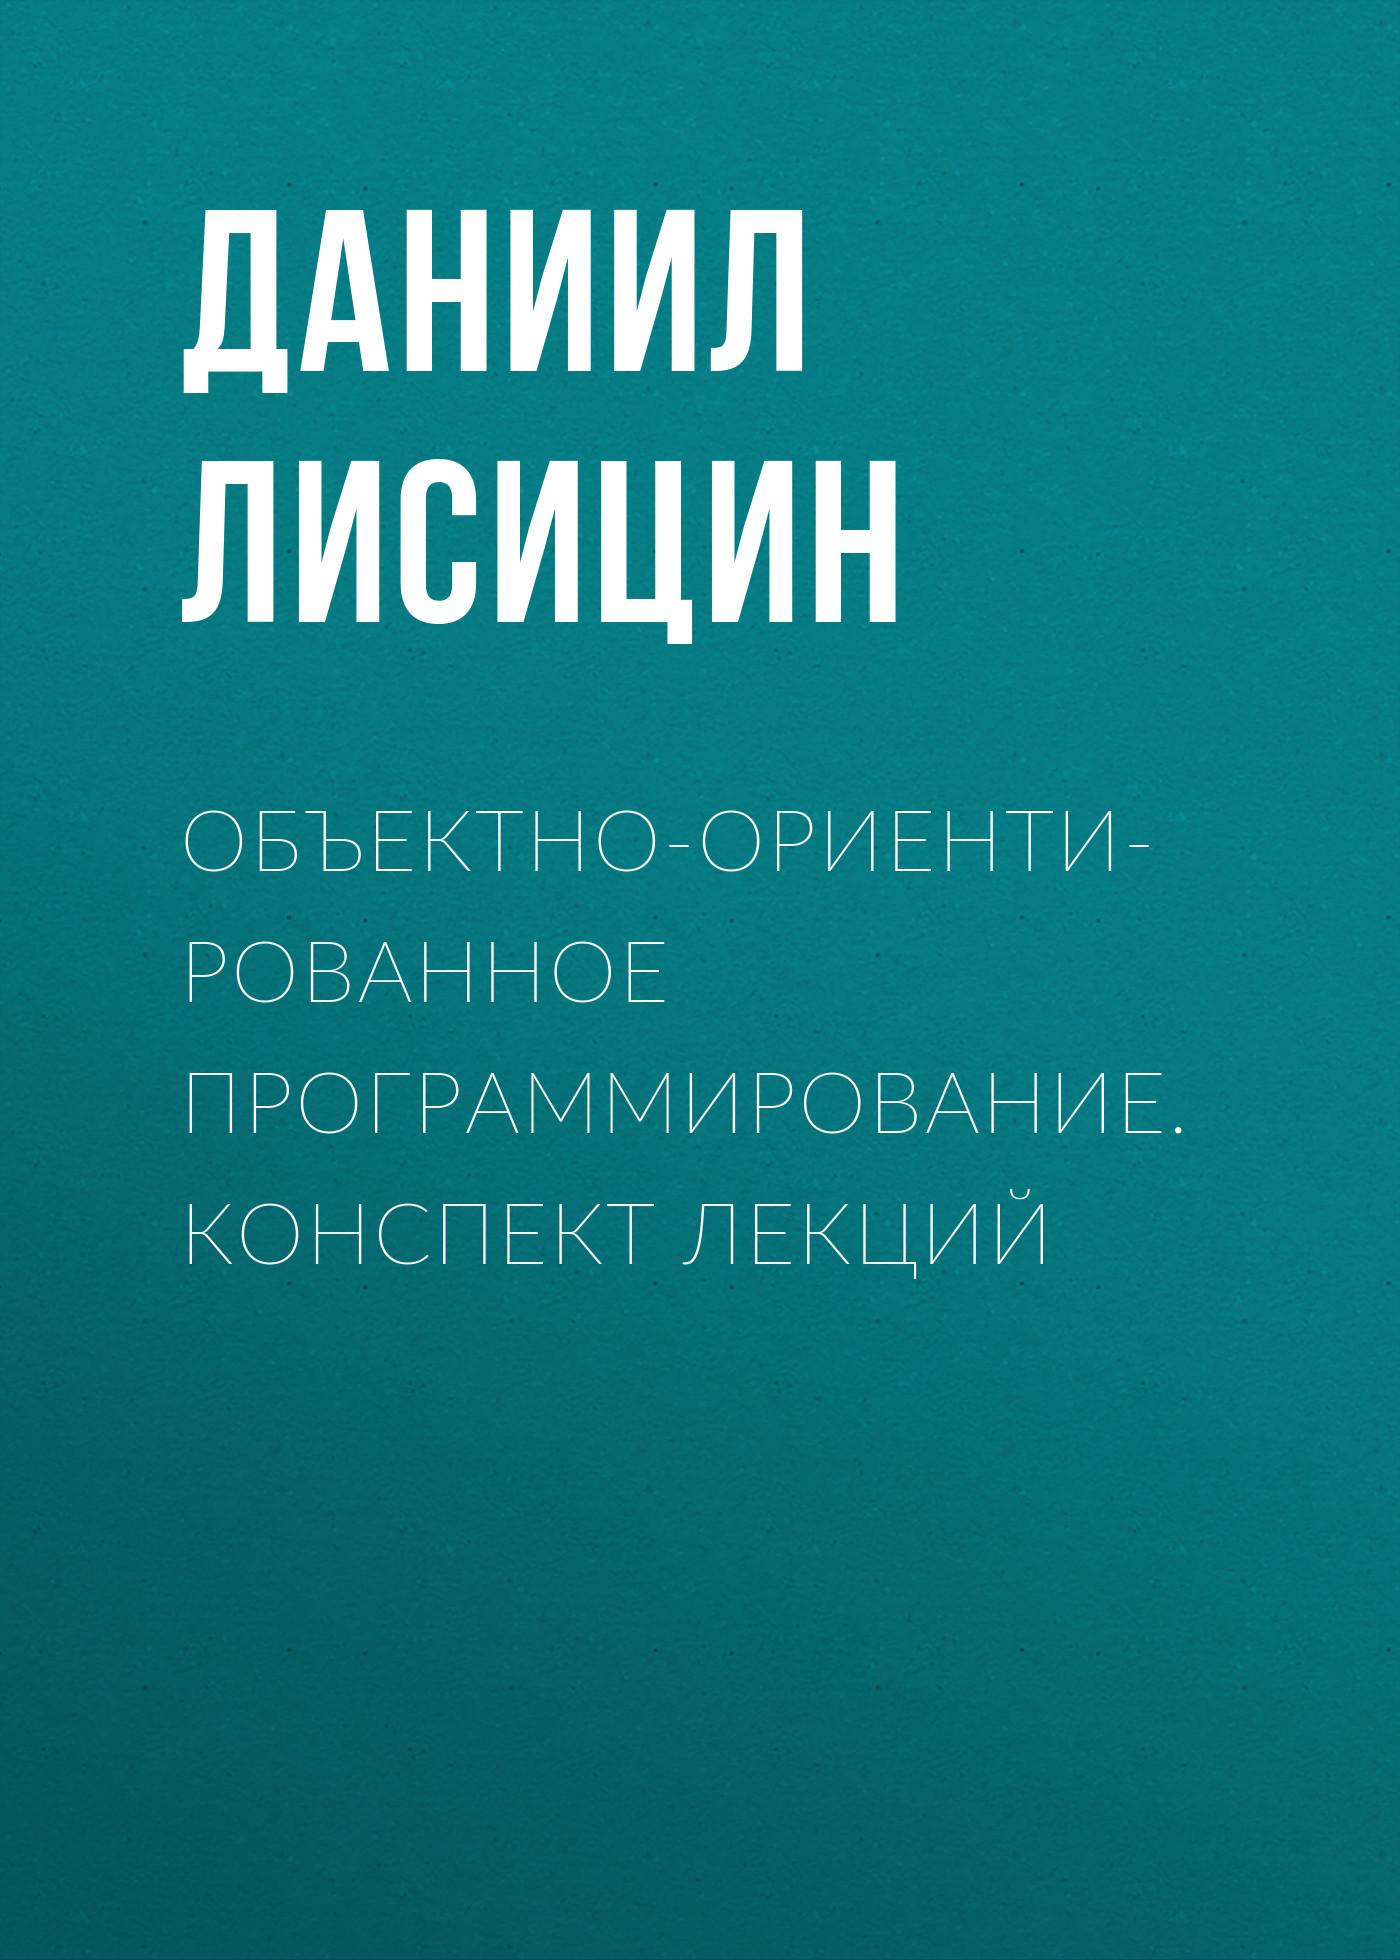 Даниил Лисицин Объектно-ориентированное программирование. Конспект лекций лафоре р объектно ориентированное программирование в с 4 е изд